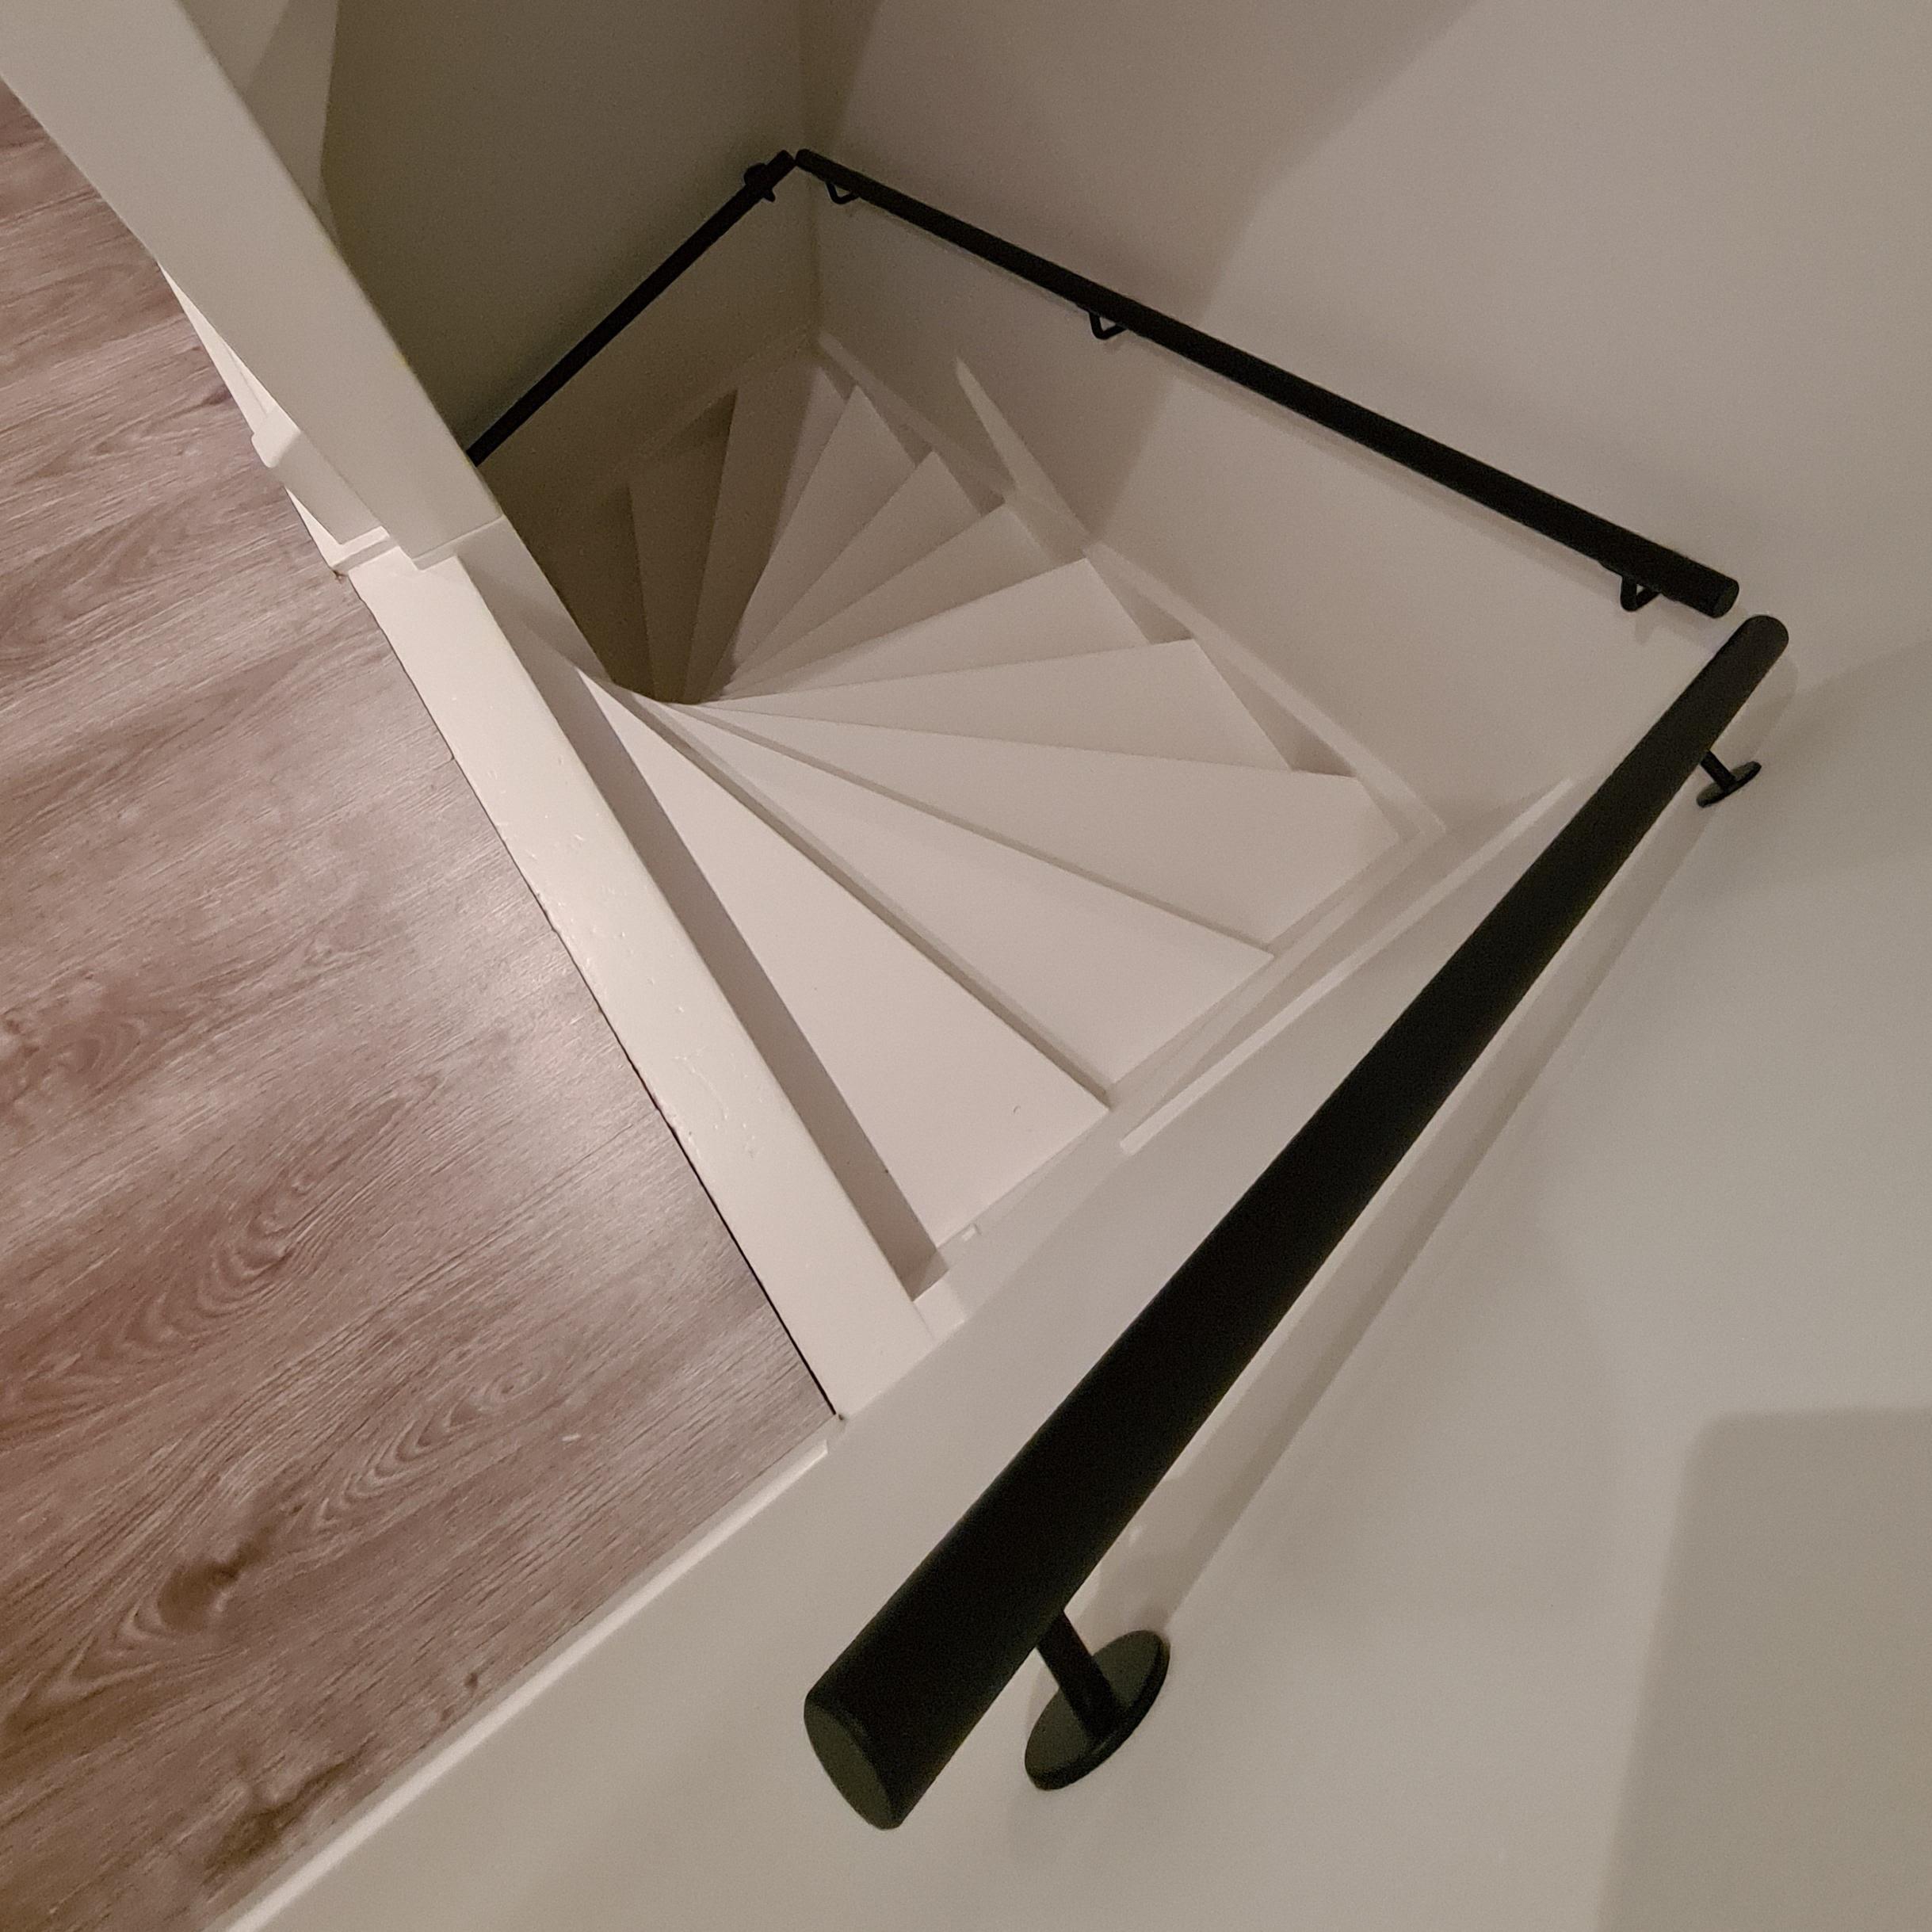 Handlauf schwarz beschichtet rund Modell 3 - Runde Treppengeländer - Treppenhandlauf mit schwarzer Pulverbeschichtung RAL 9005